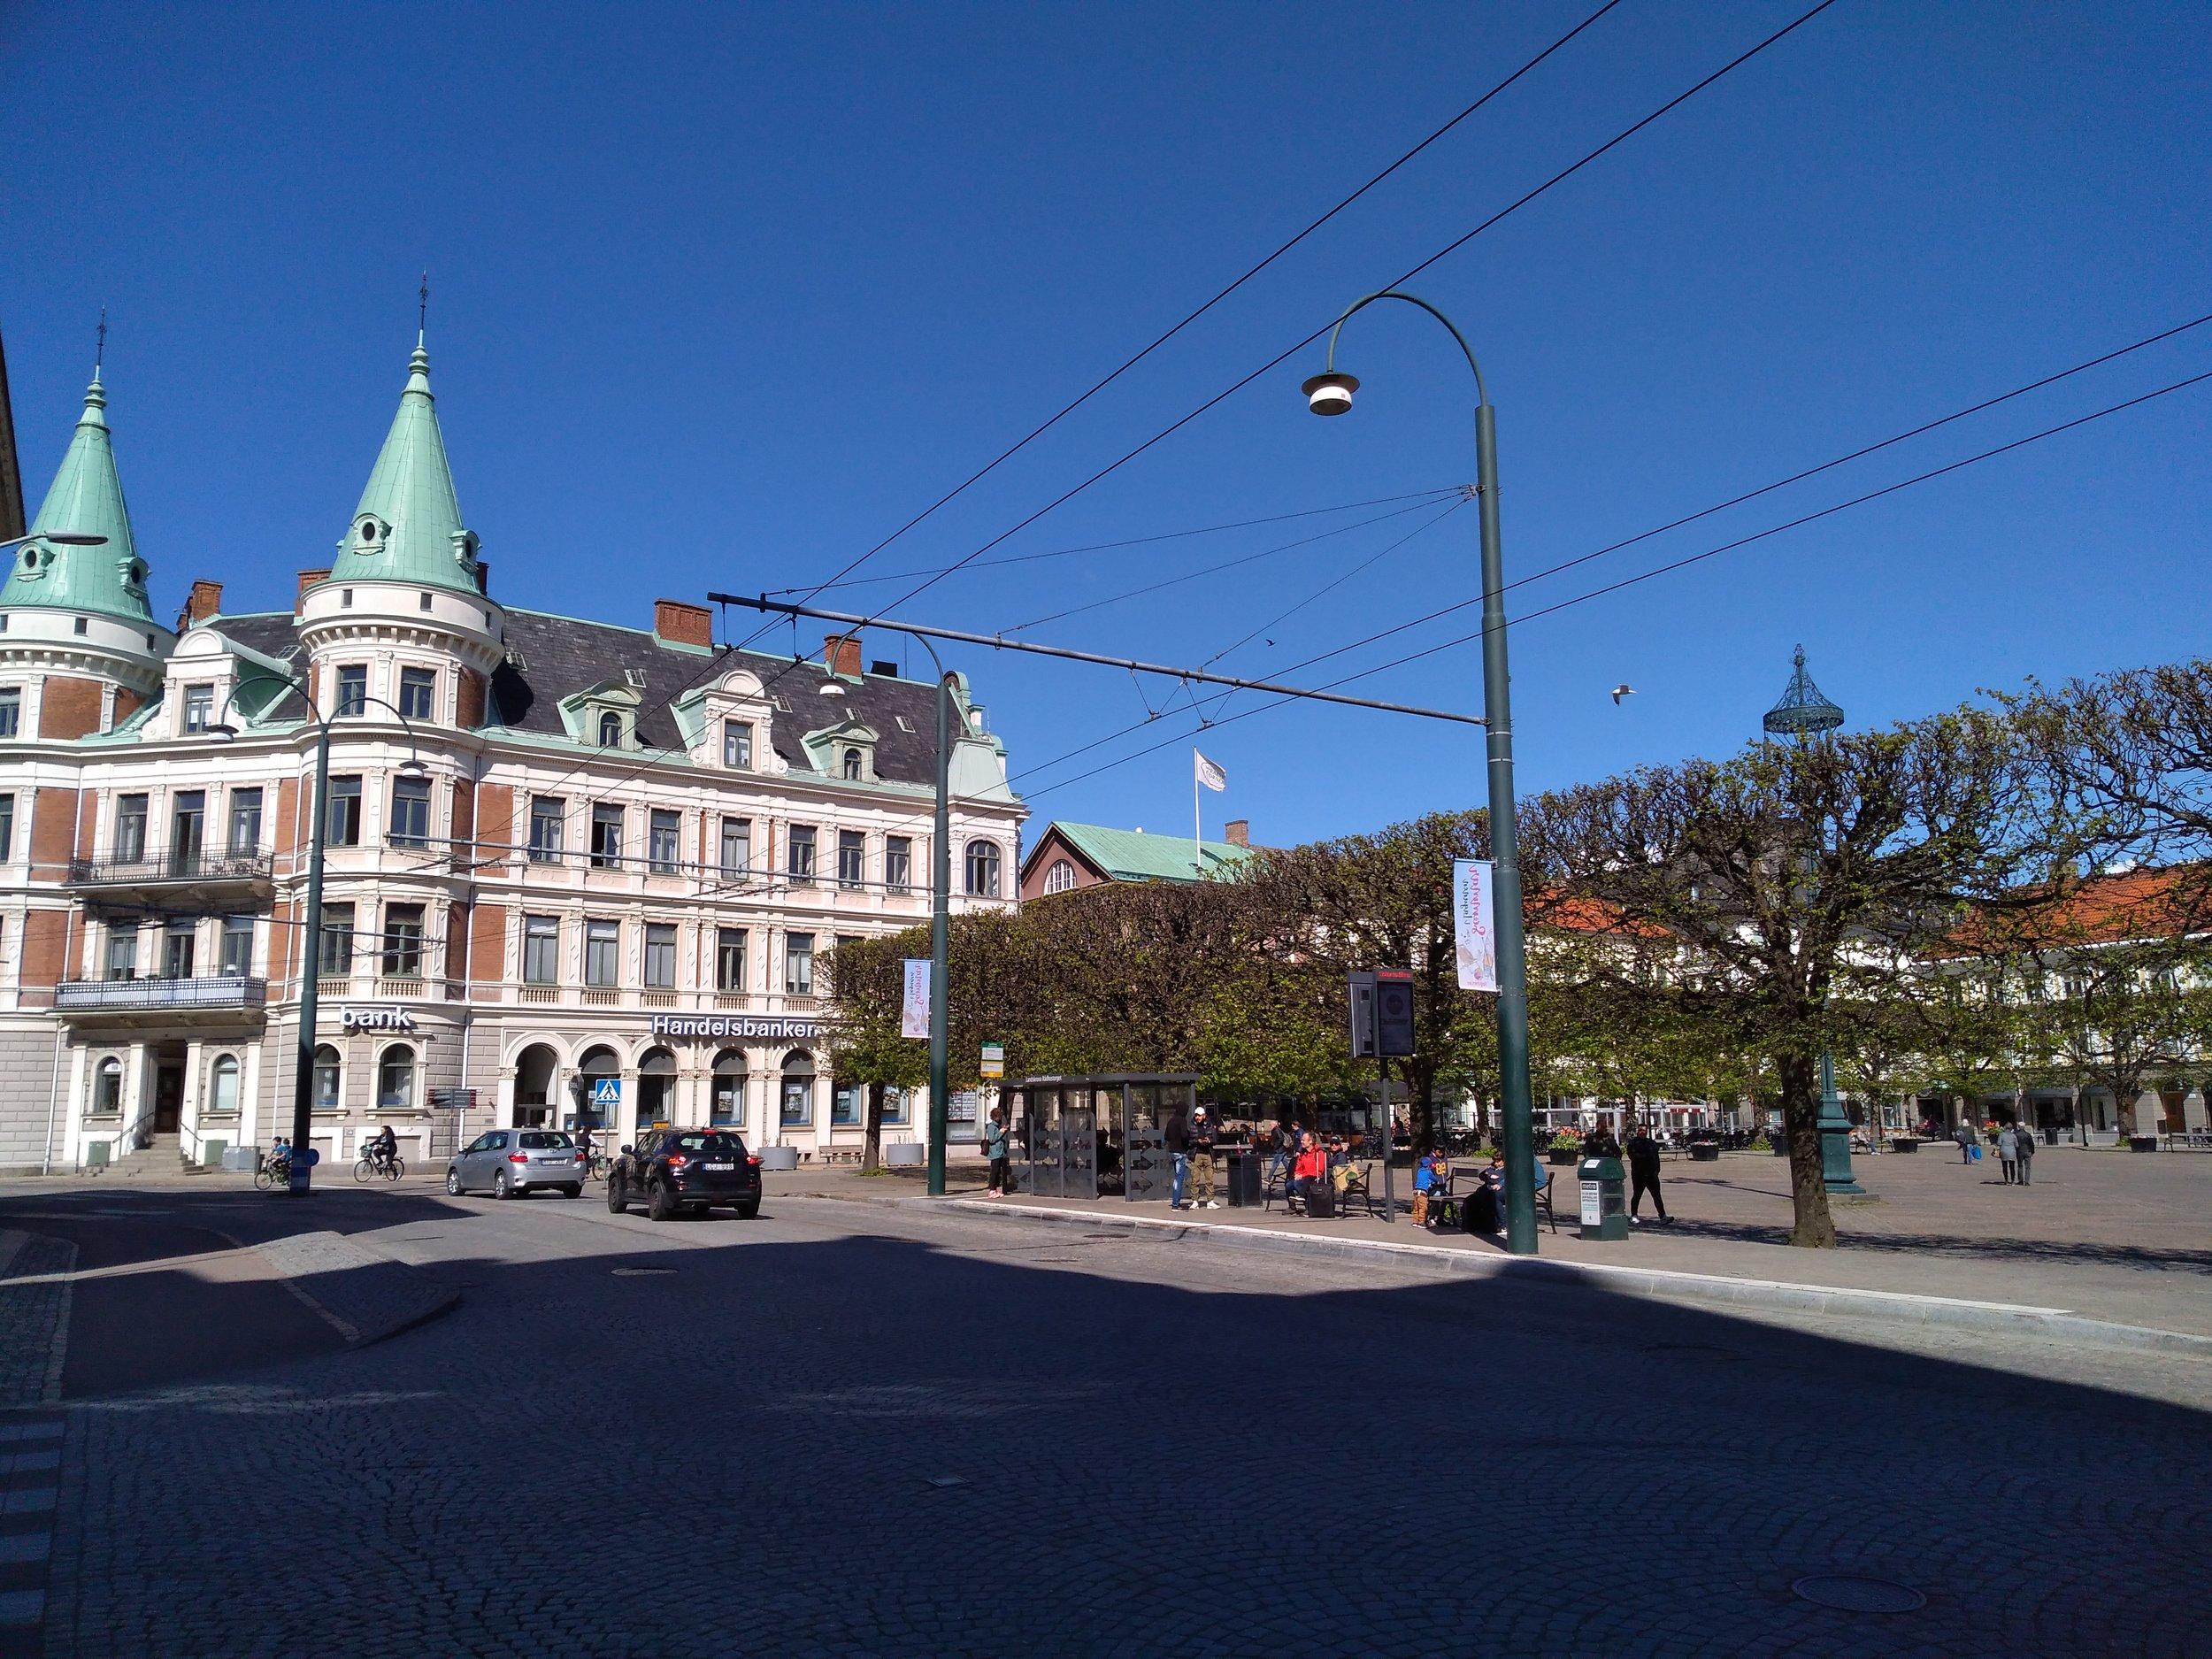 Zastávka u hlavního náměstí.